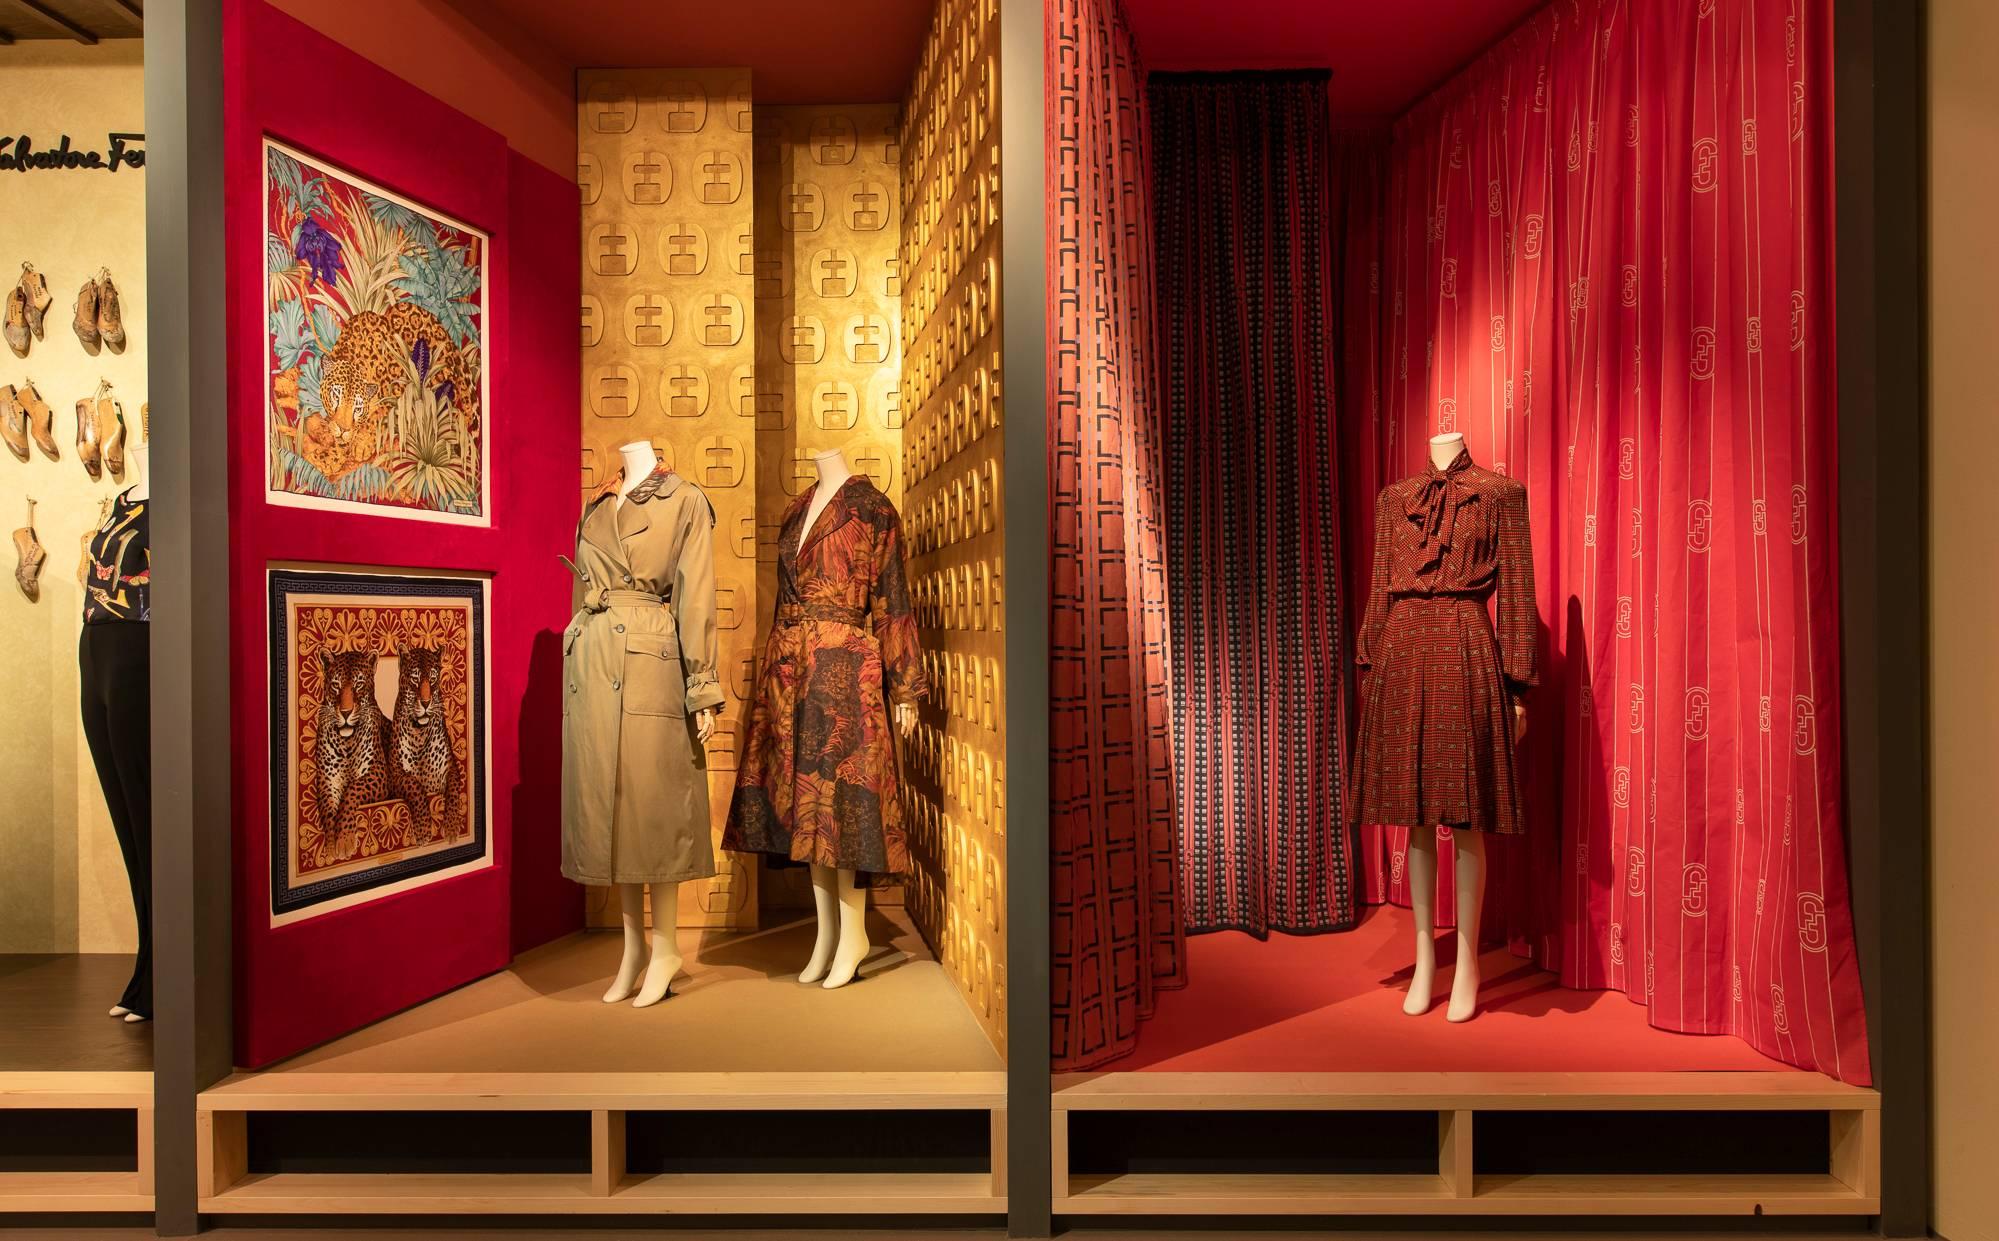 «Silk»: Neue Ausstellung eröffnet im Salvatore Ferragamo-Museum in Florenz